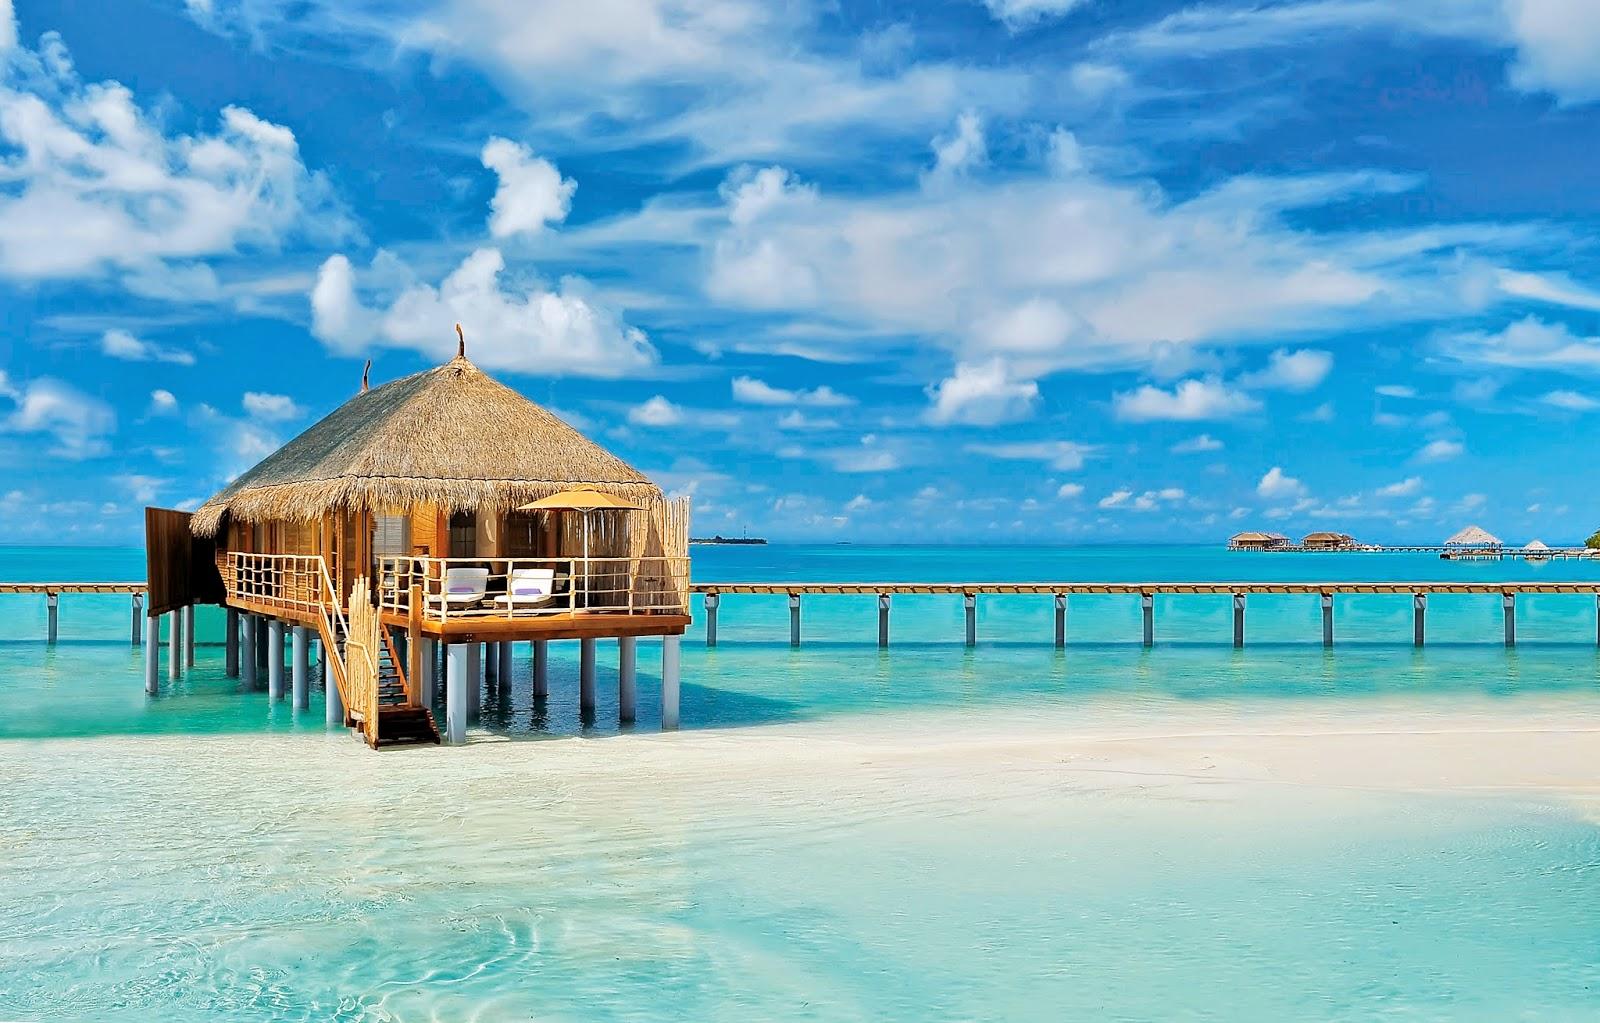 DailyMail UK cites Maldives Constance Moofushi Resort reviw